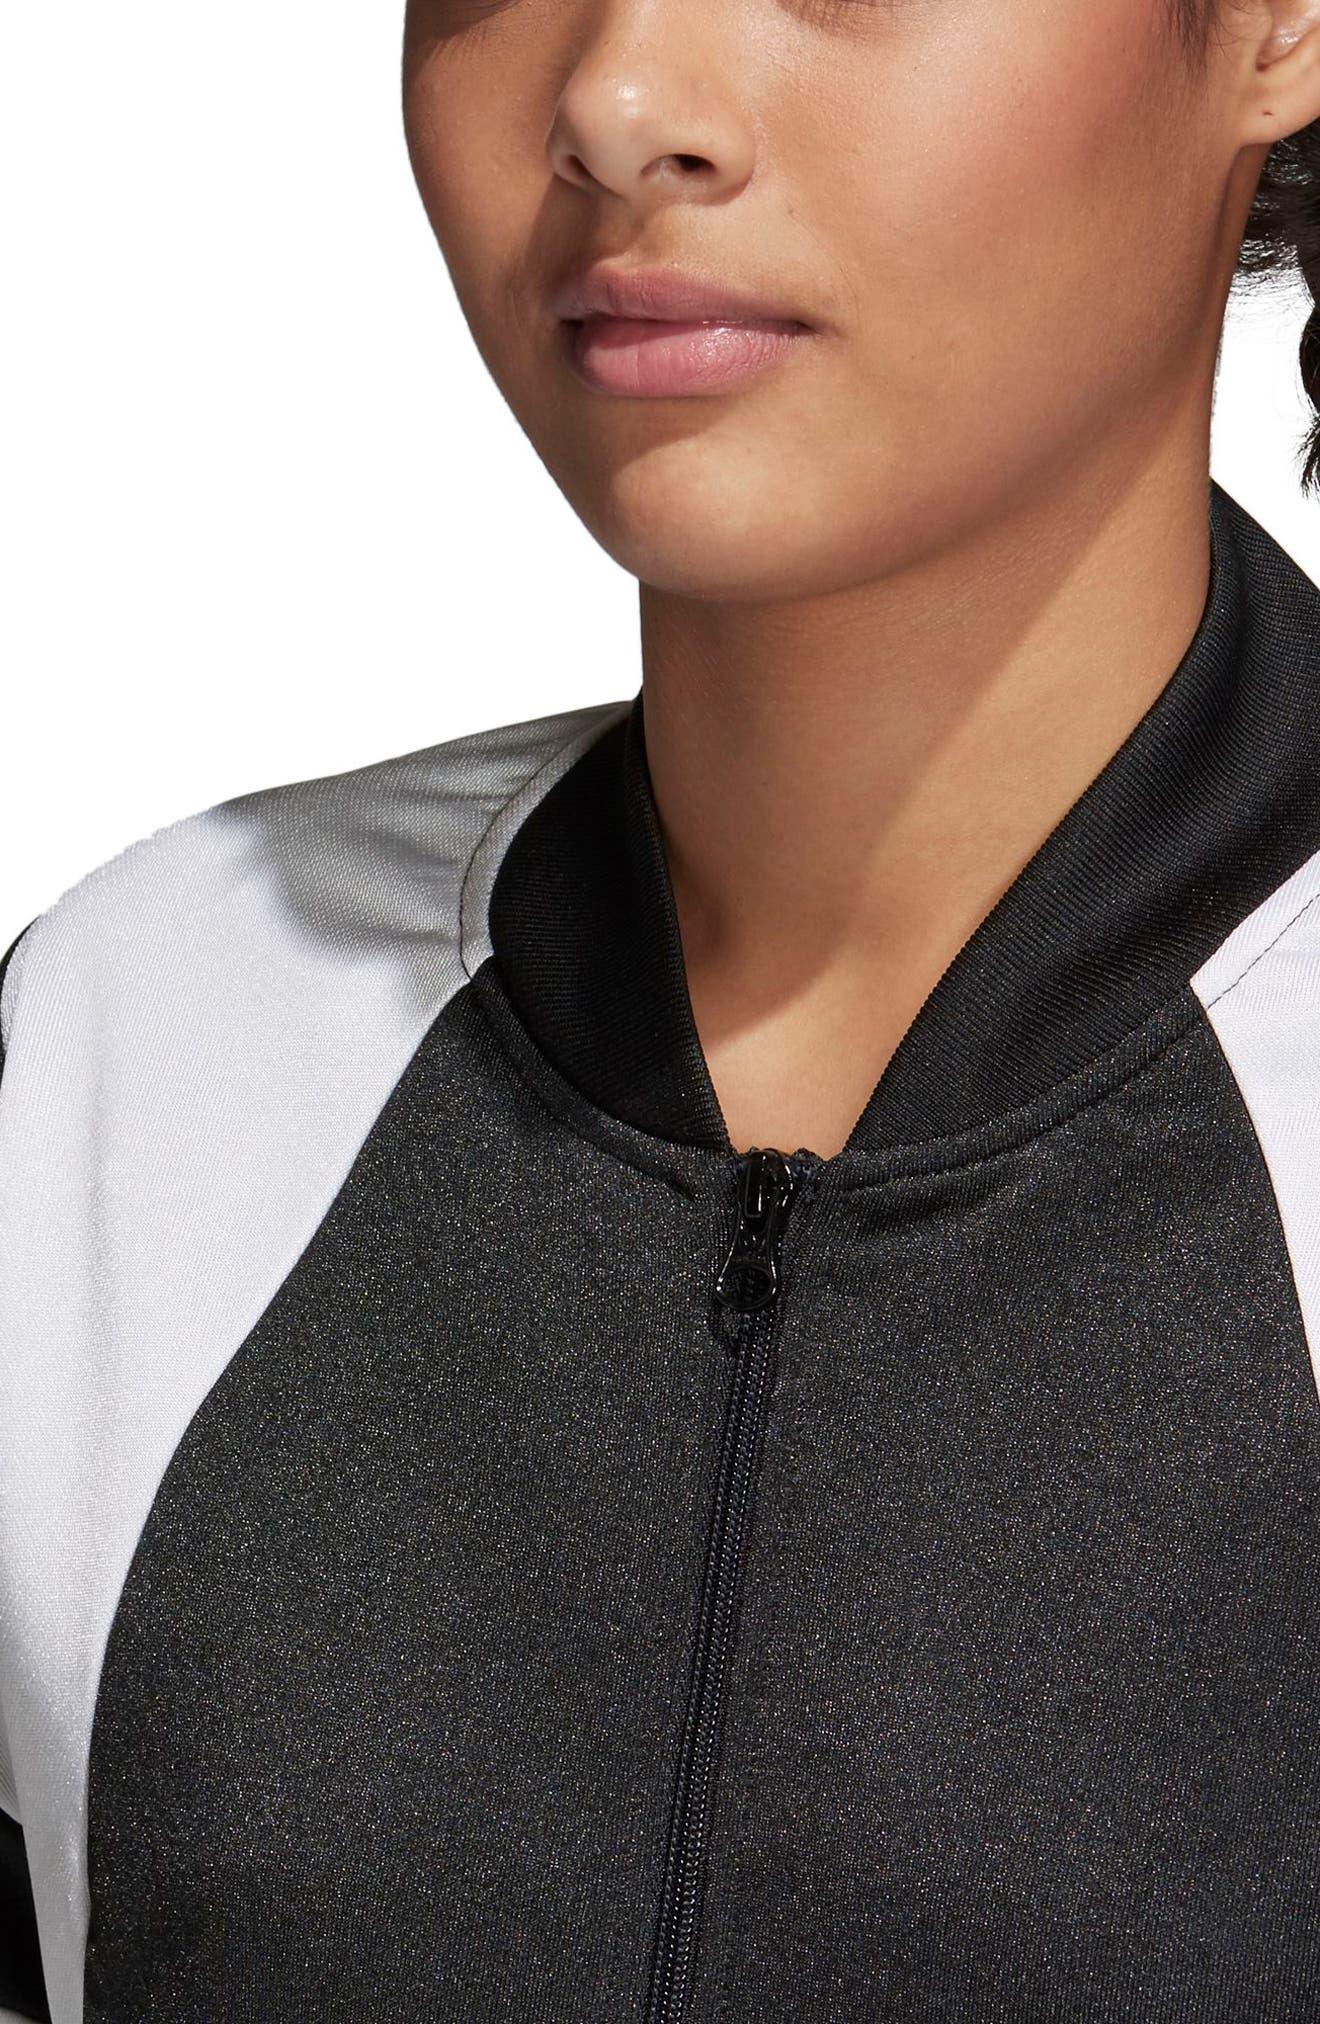 Originals Superstar Track Jacket,                             Alternate thumbnail 3, color,                             Black/ White